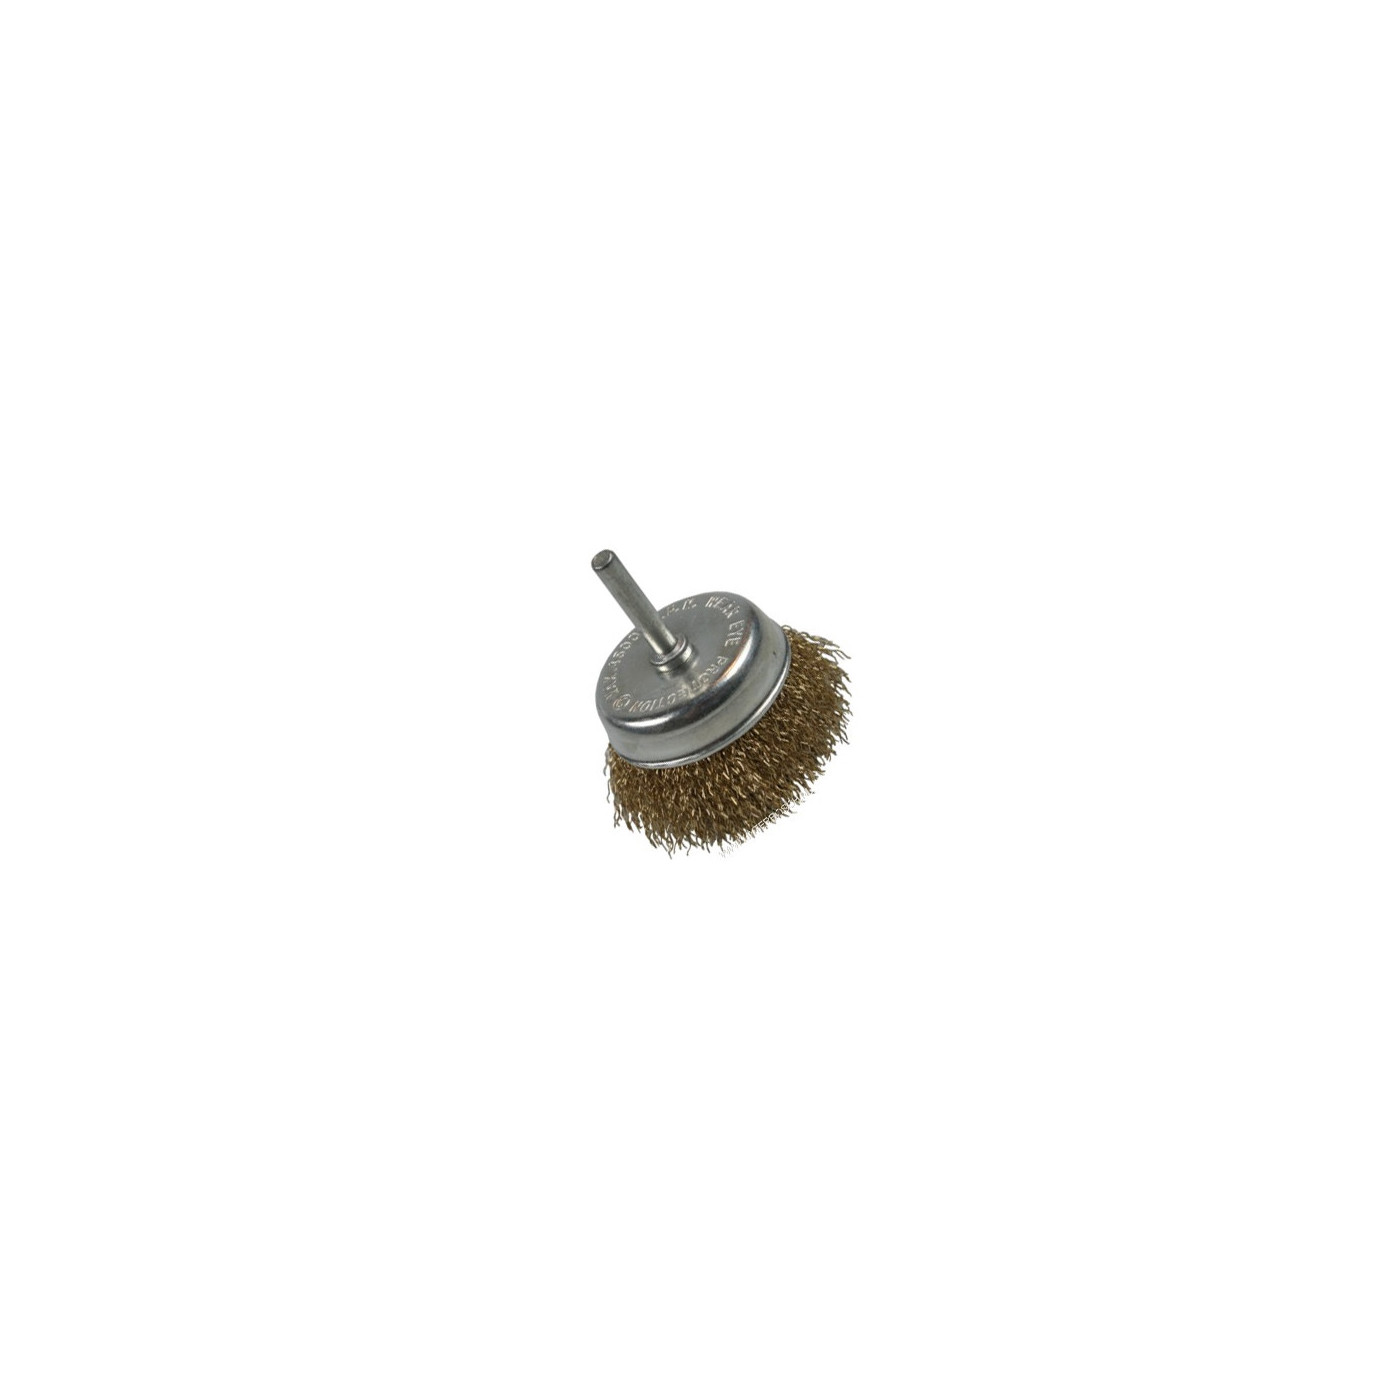 Escova de metal para perfuradoras, 75 mm  - 1